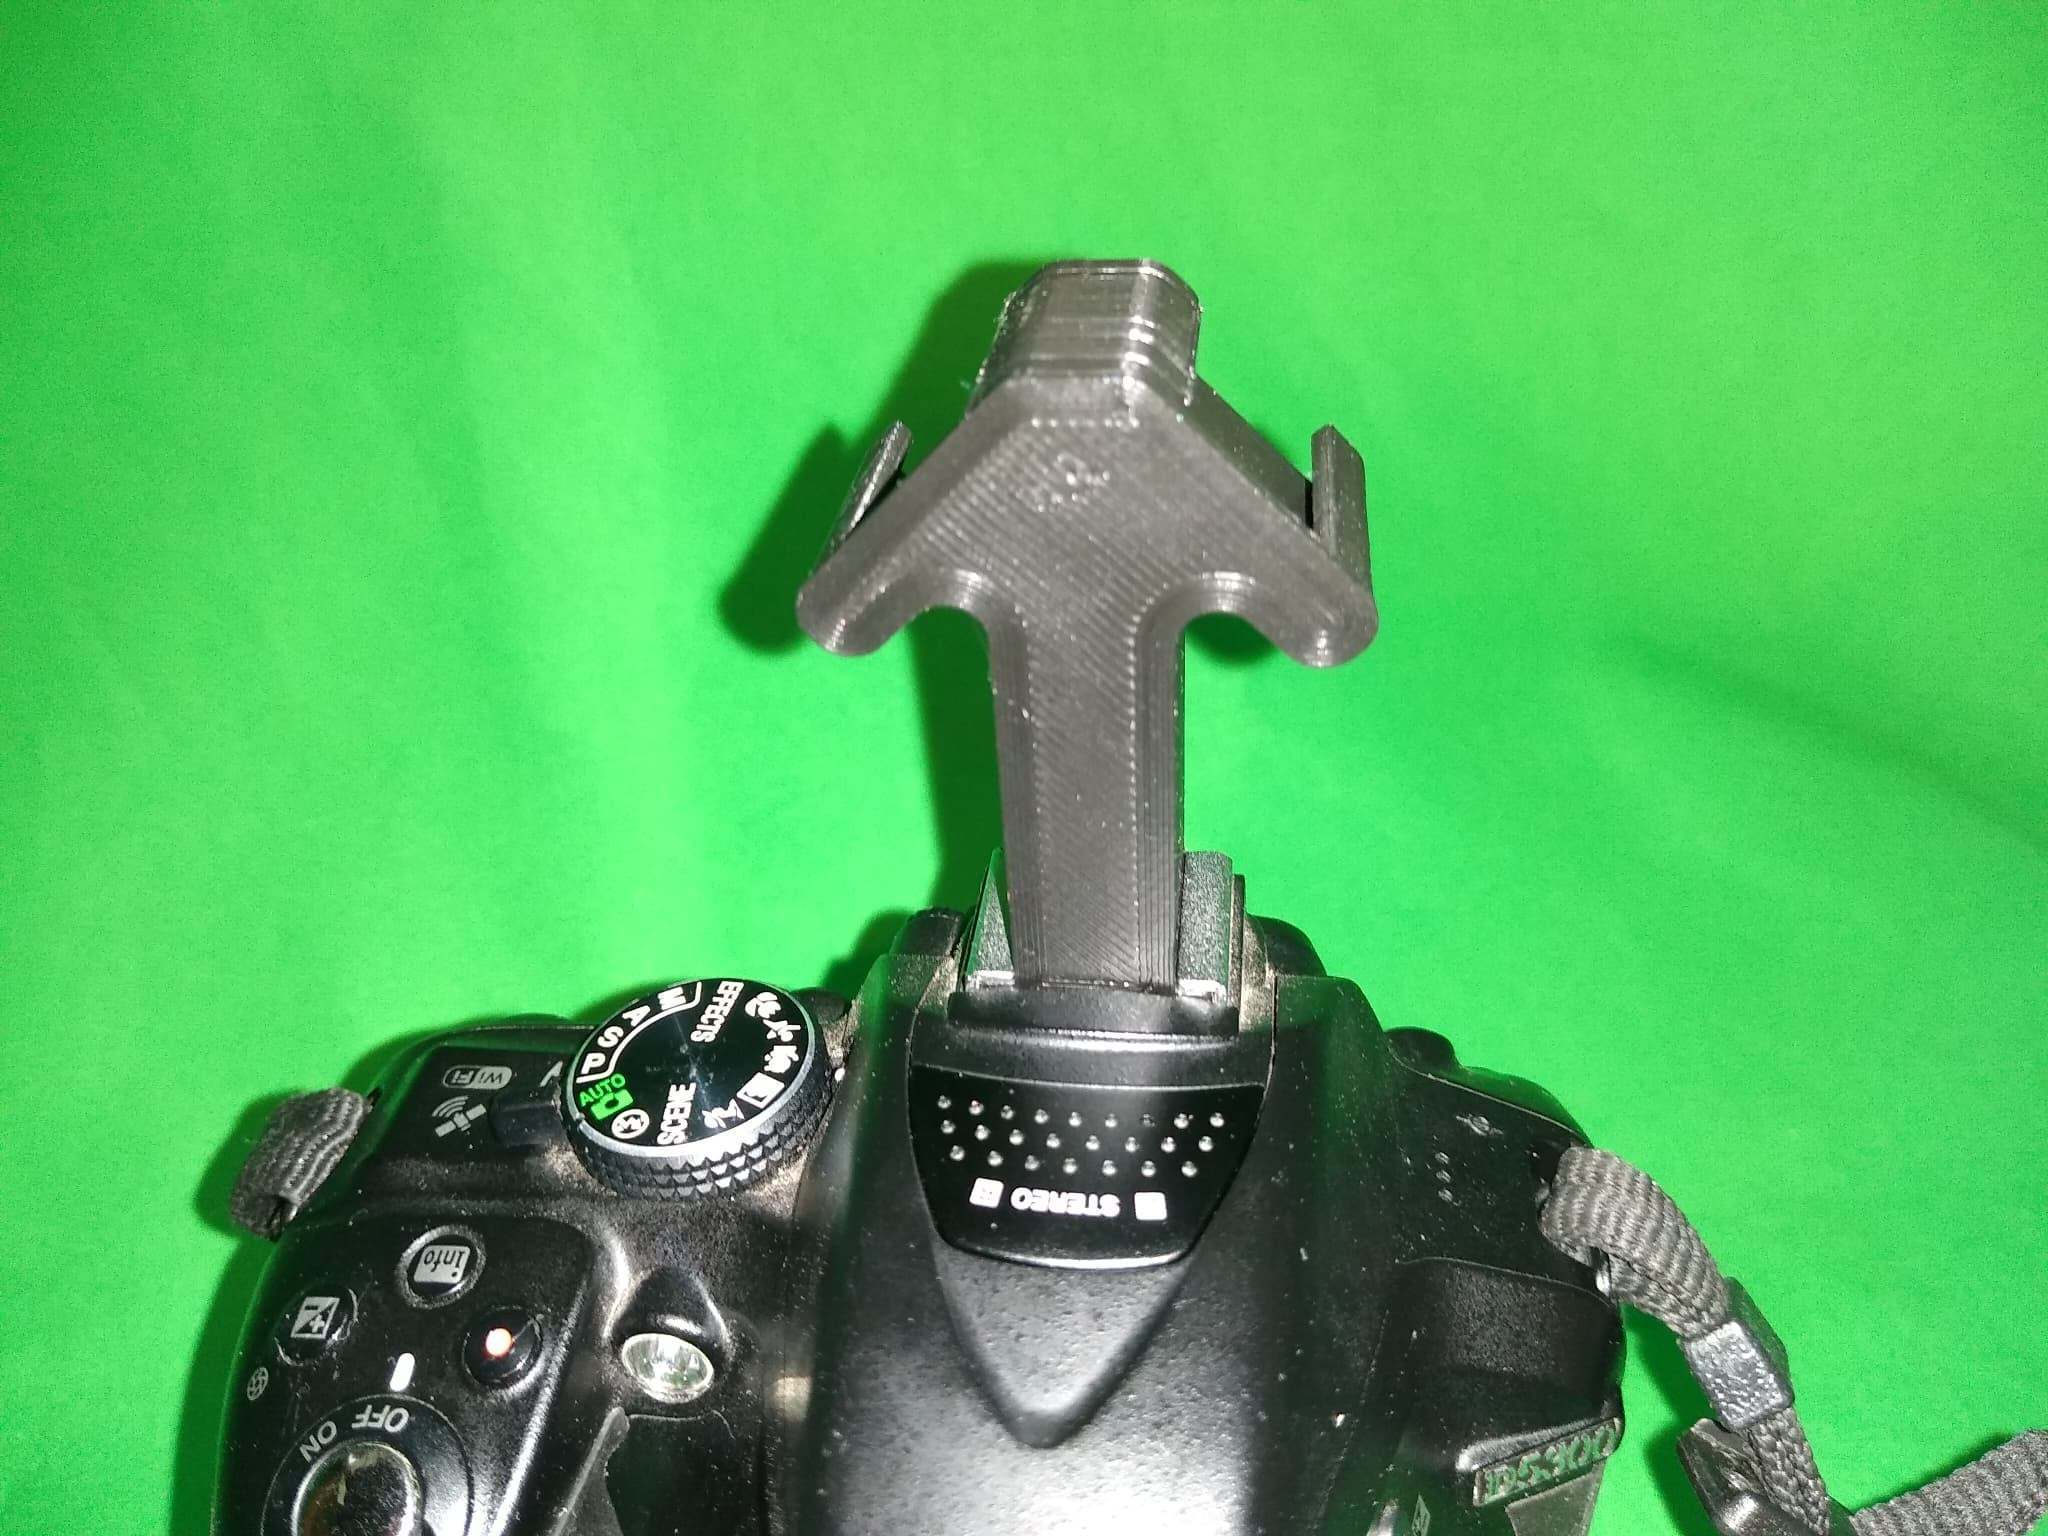 93773510_2763845640409290_6373756116081311744_n.jpg Télécharger fichier STL gratuit Adaptateur de rallonge double Hotshoe, idéal pour les micros Rode et les appareils photo DSLR Lumière pour la vidéo Nikon, Canon etc. • Plan à imprimer en 3D, Mrdwgraf